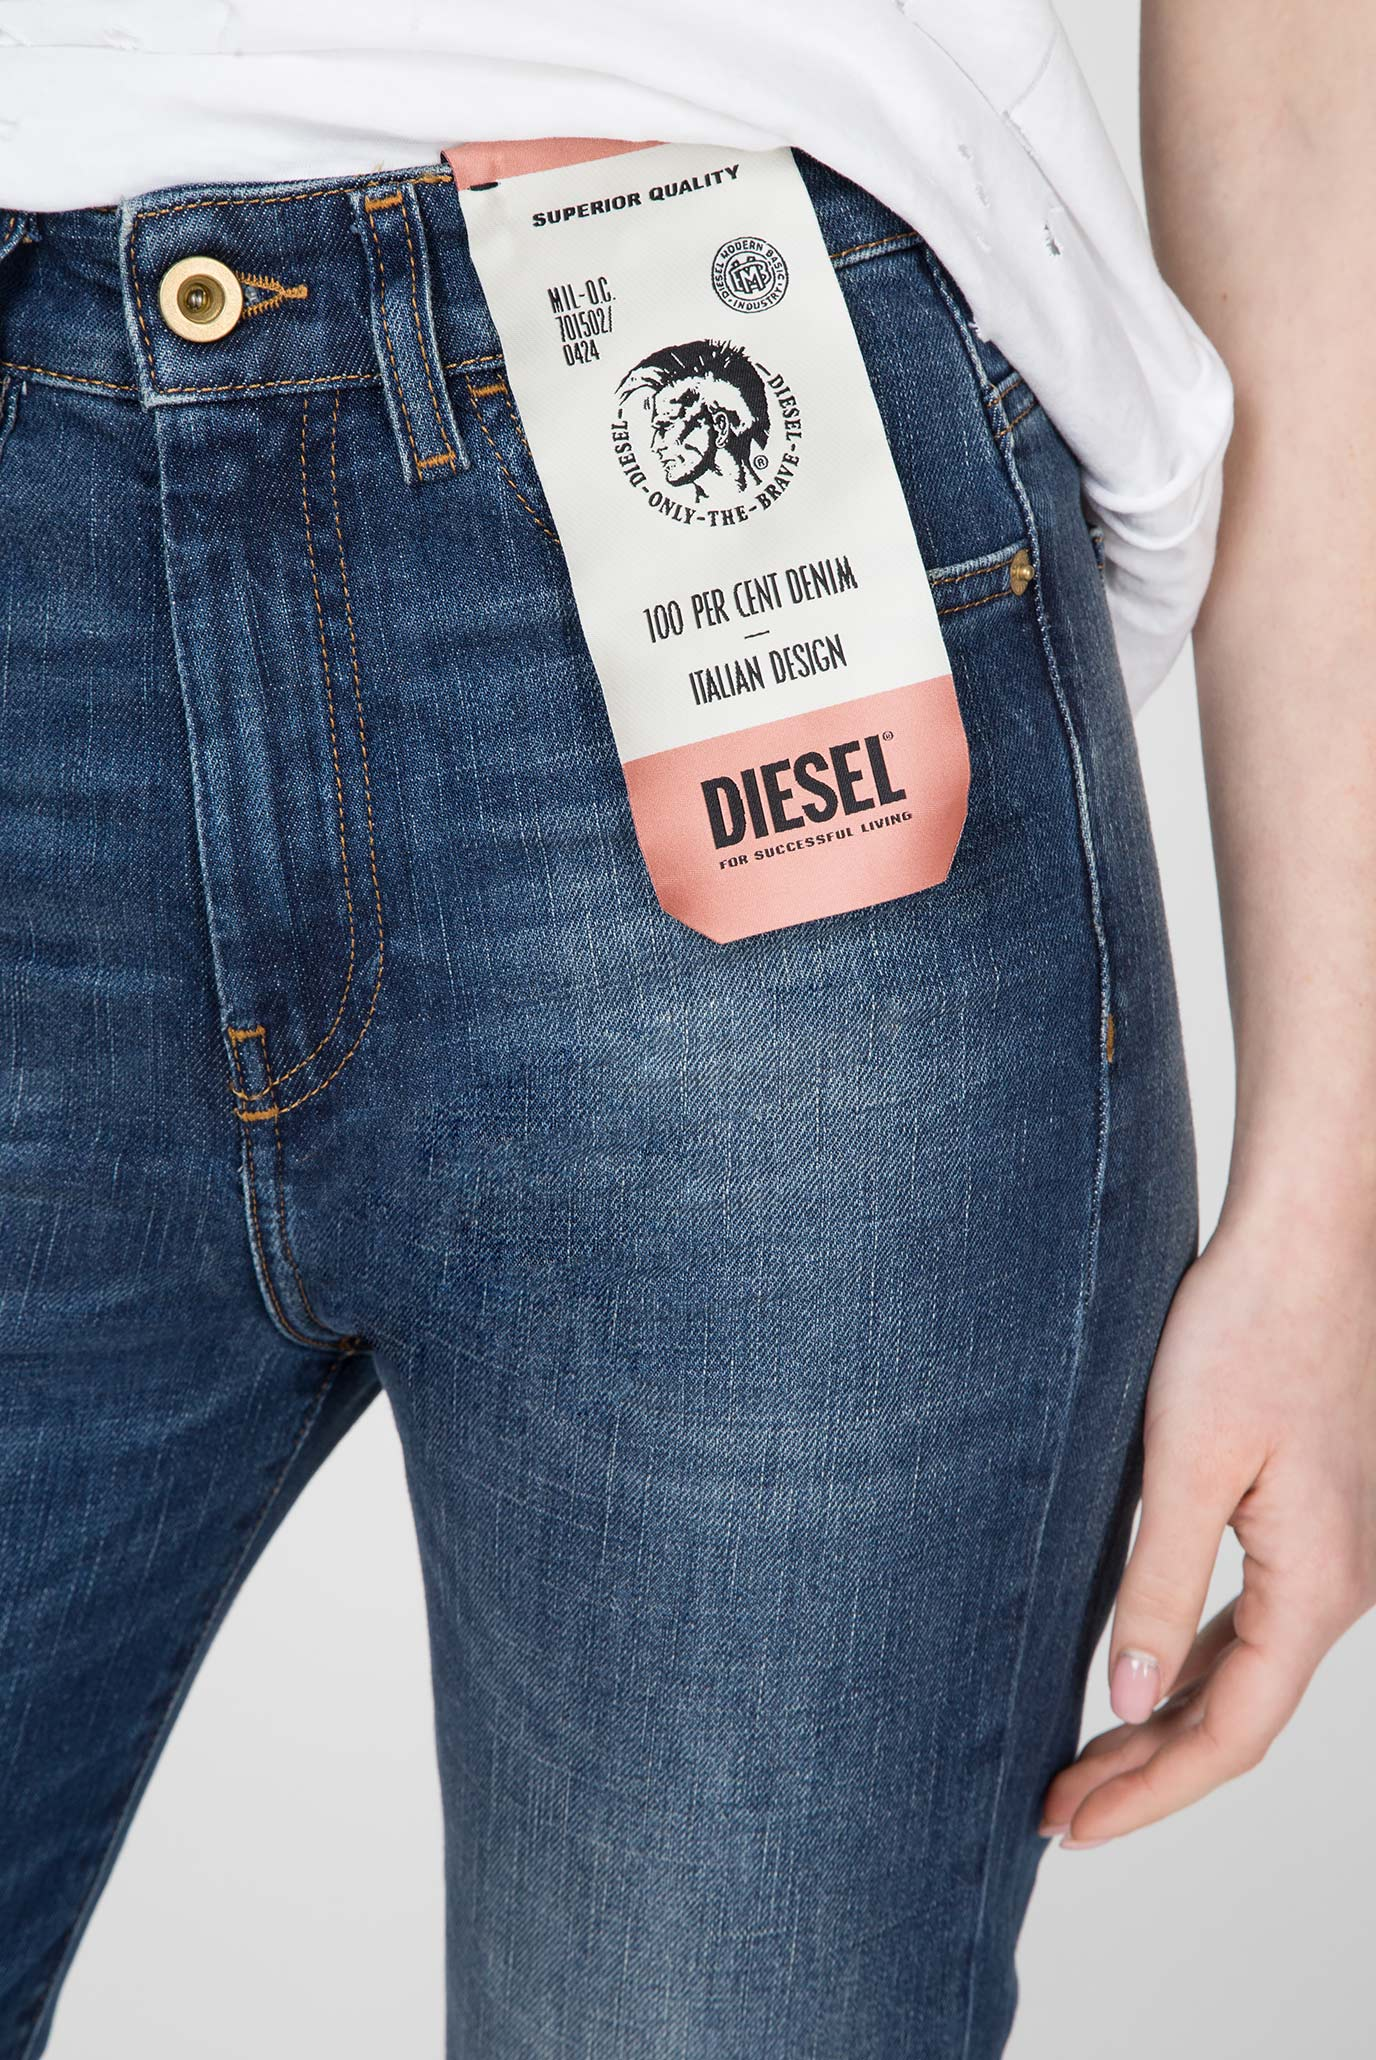 Купить Женские синие джинсы D-EISELLЕ Diesel Diesel 00SMNI 089AR – Киев, Украина. Цены в интернет магазине MD Fashion